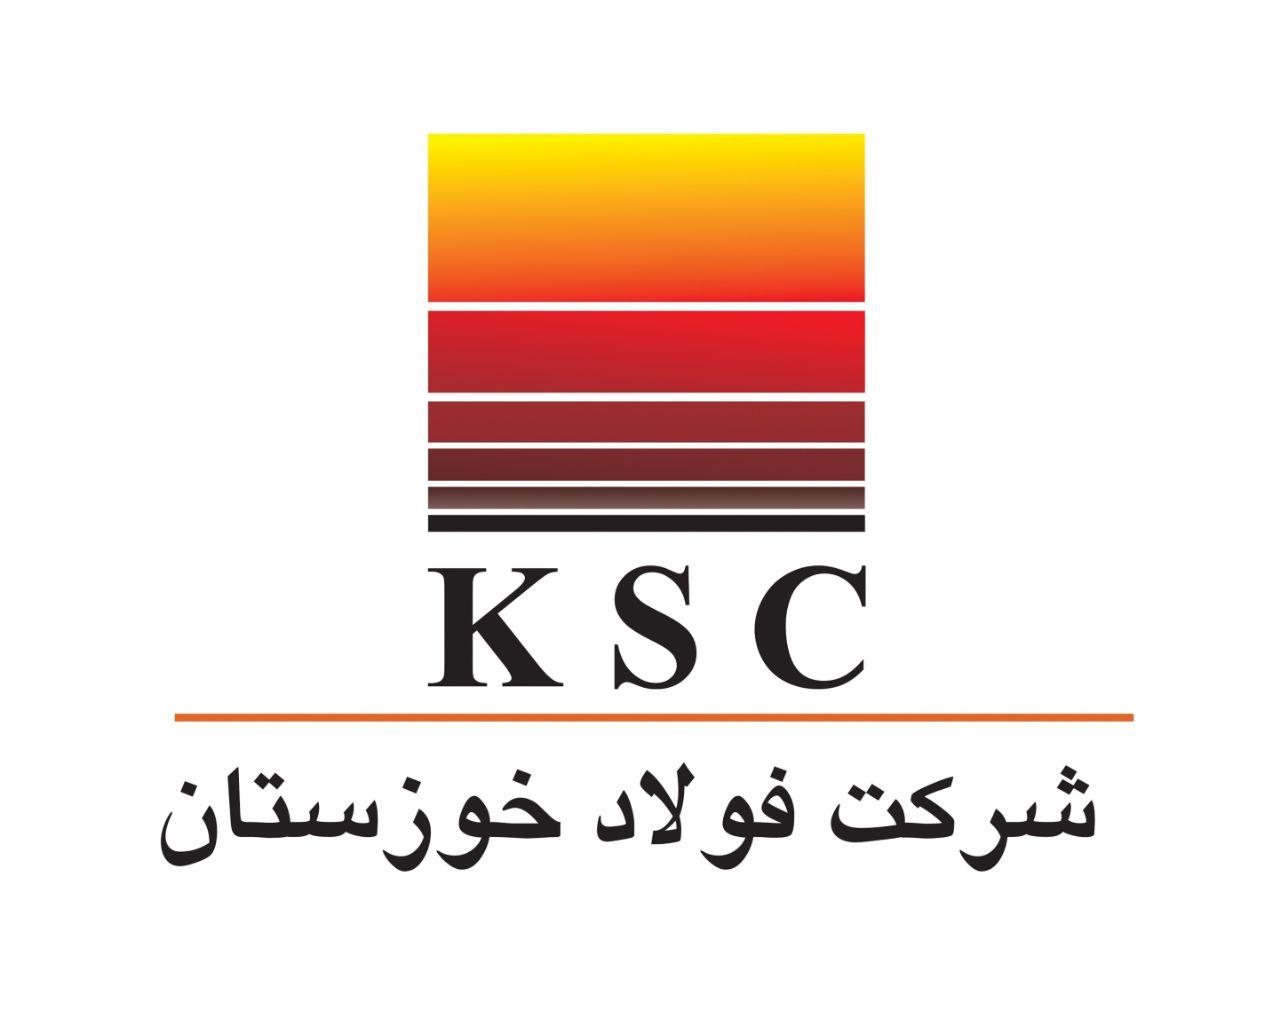 رکورد روزانه تولید فولادسازی فولاد خوزستان شکسته شد